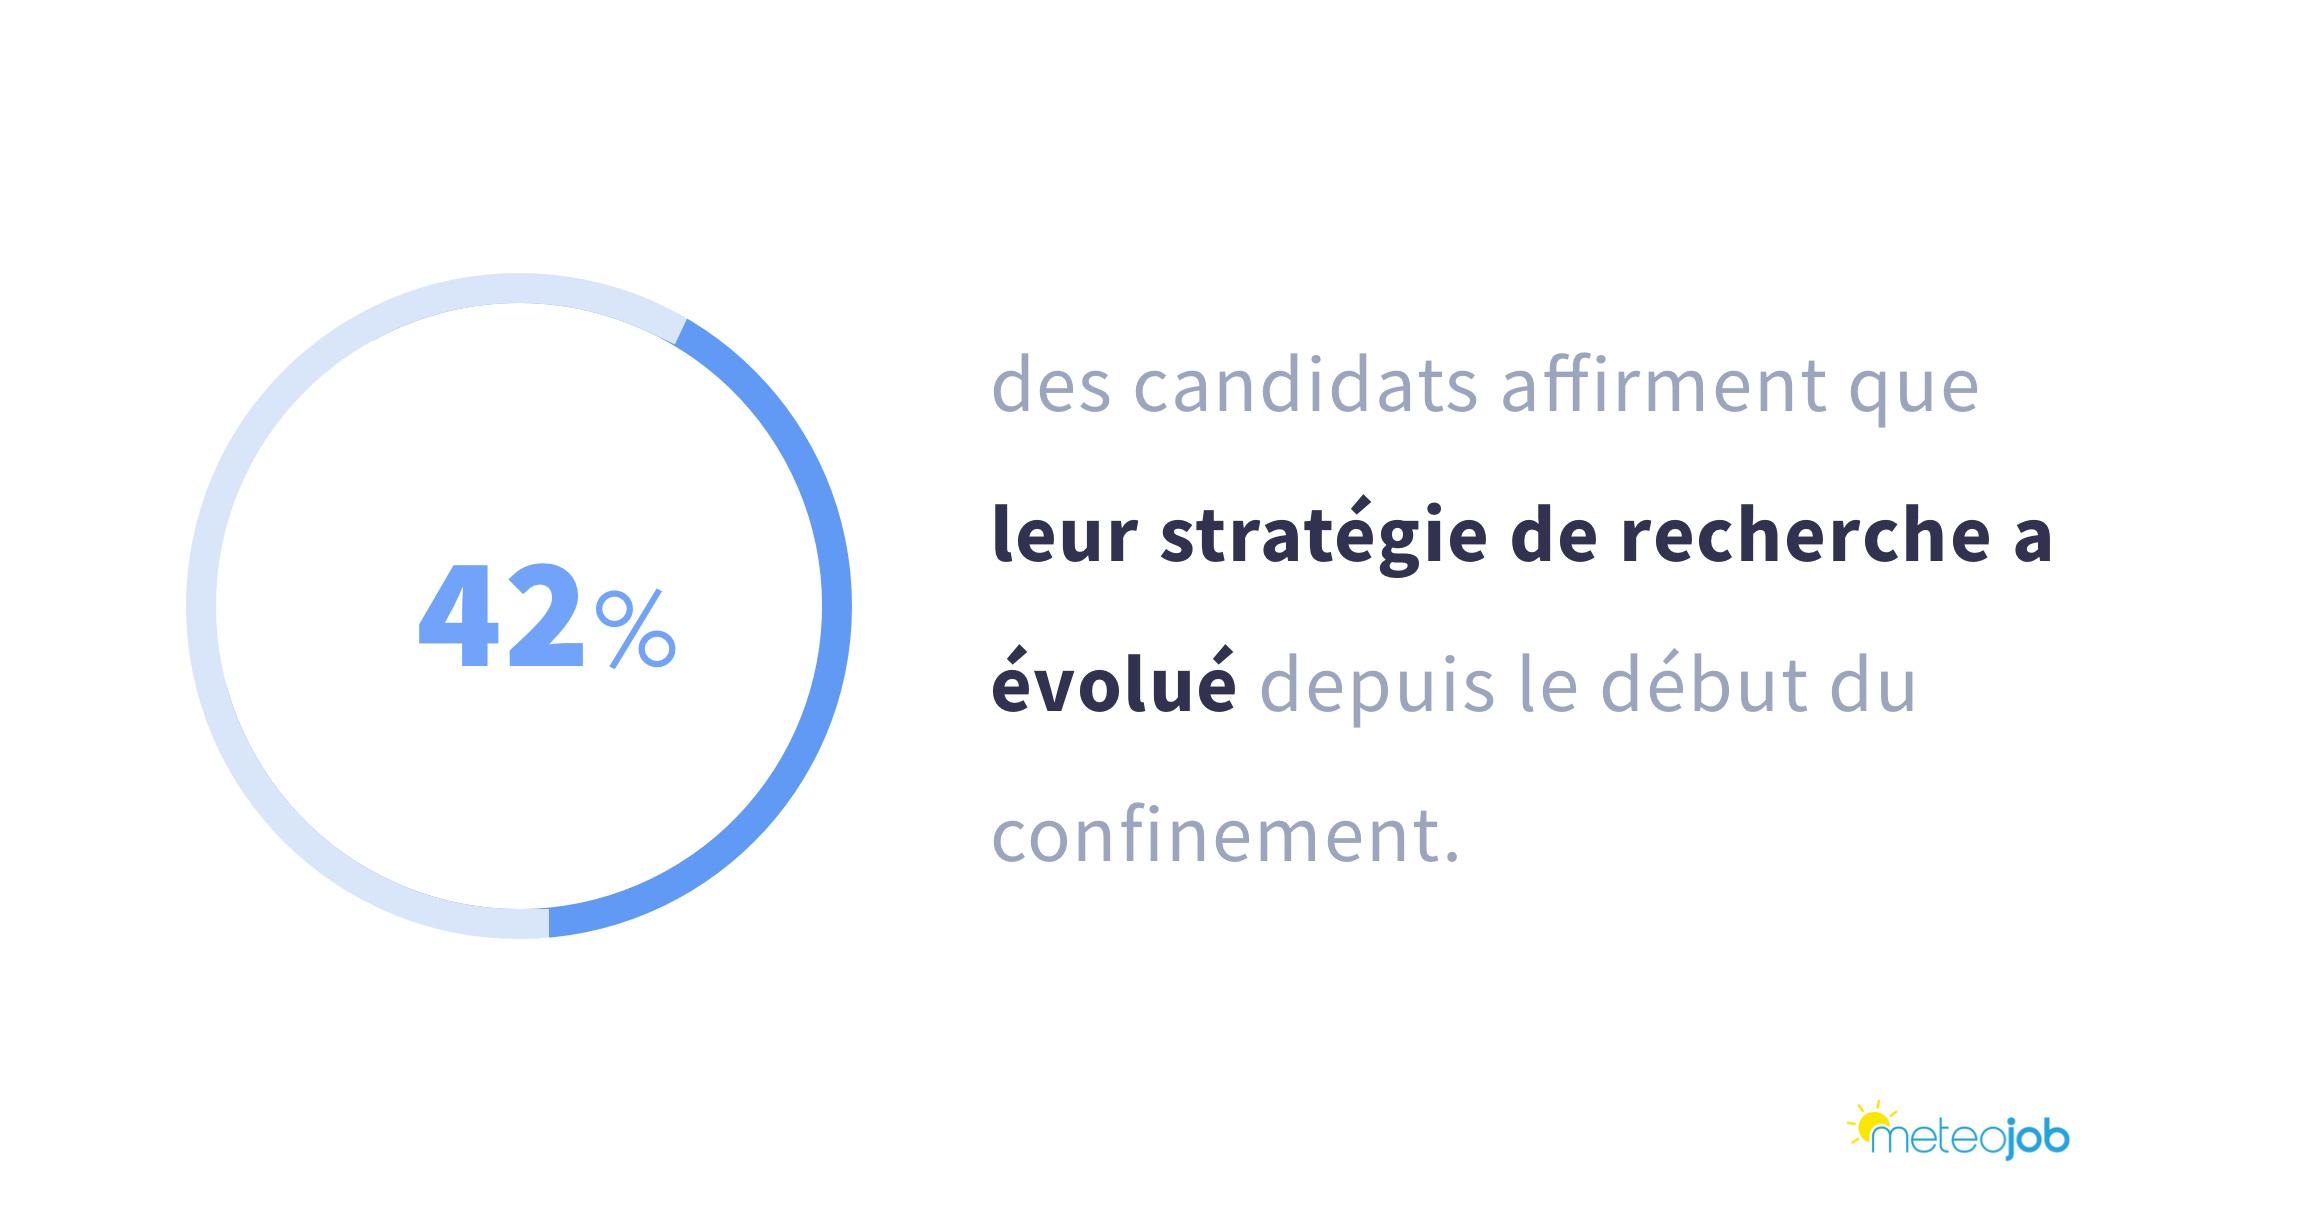 la stratégie de recherche des candidats a évolué